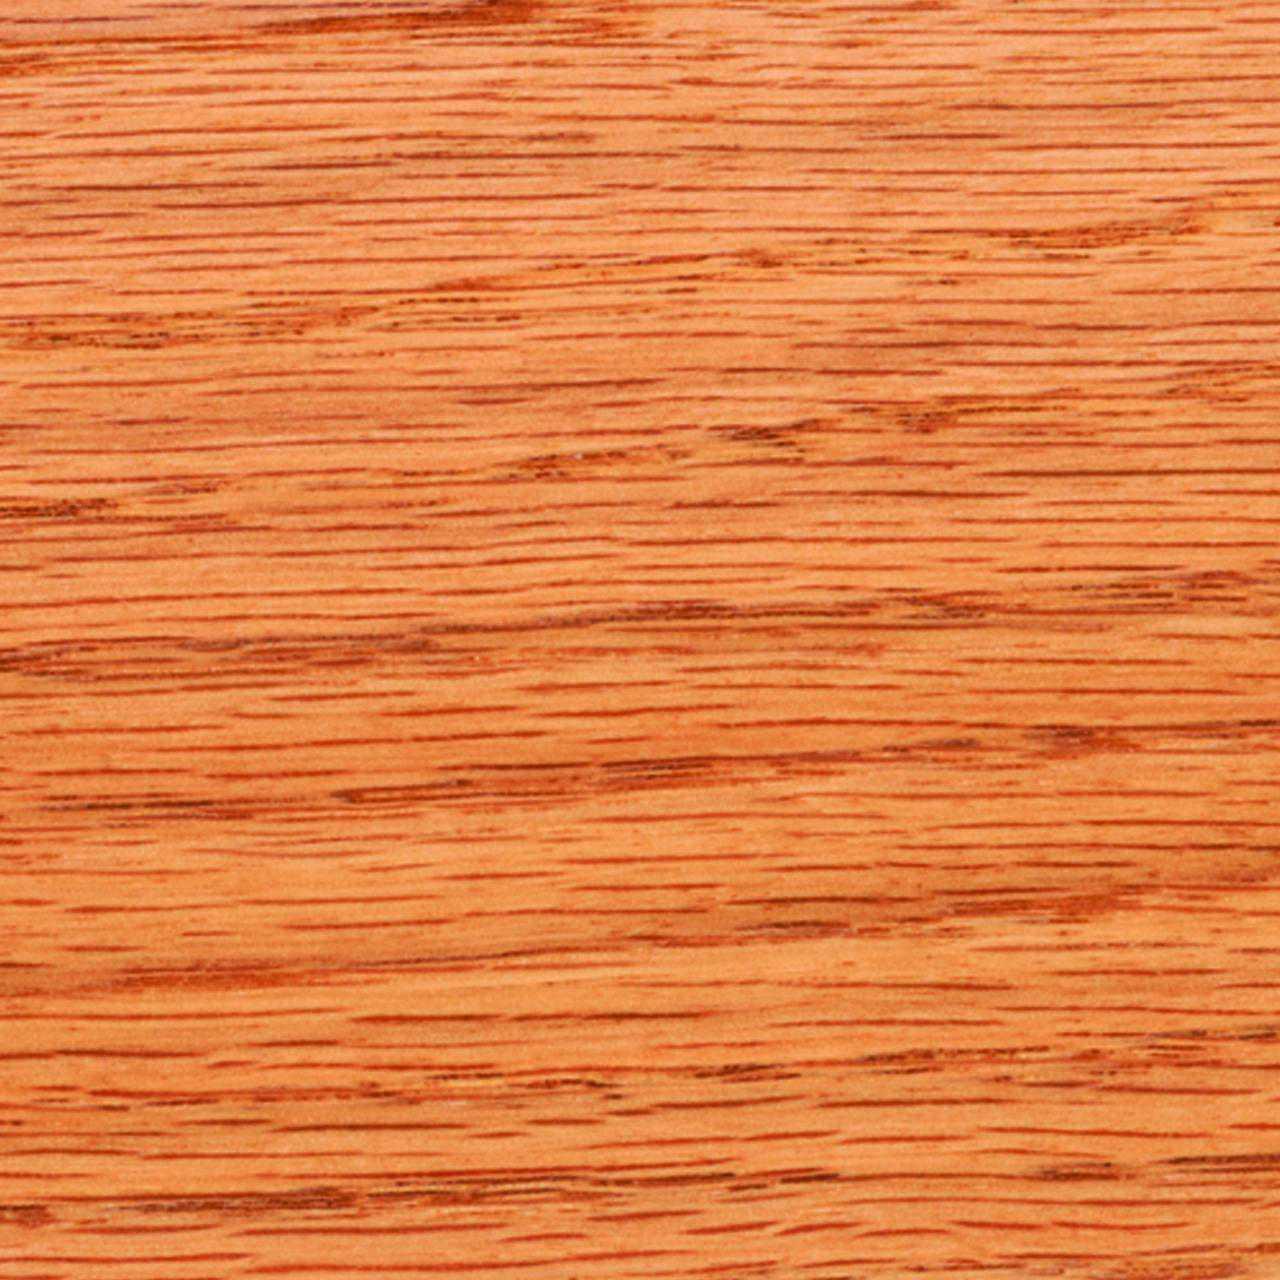 Red Oak 3 4 X 6 X 36